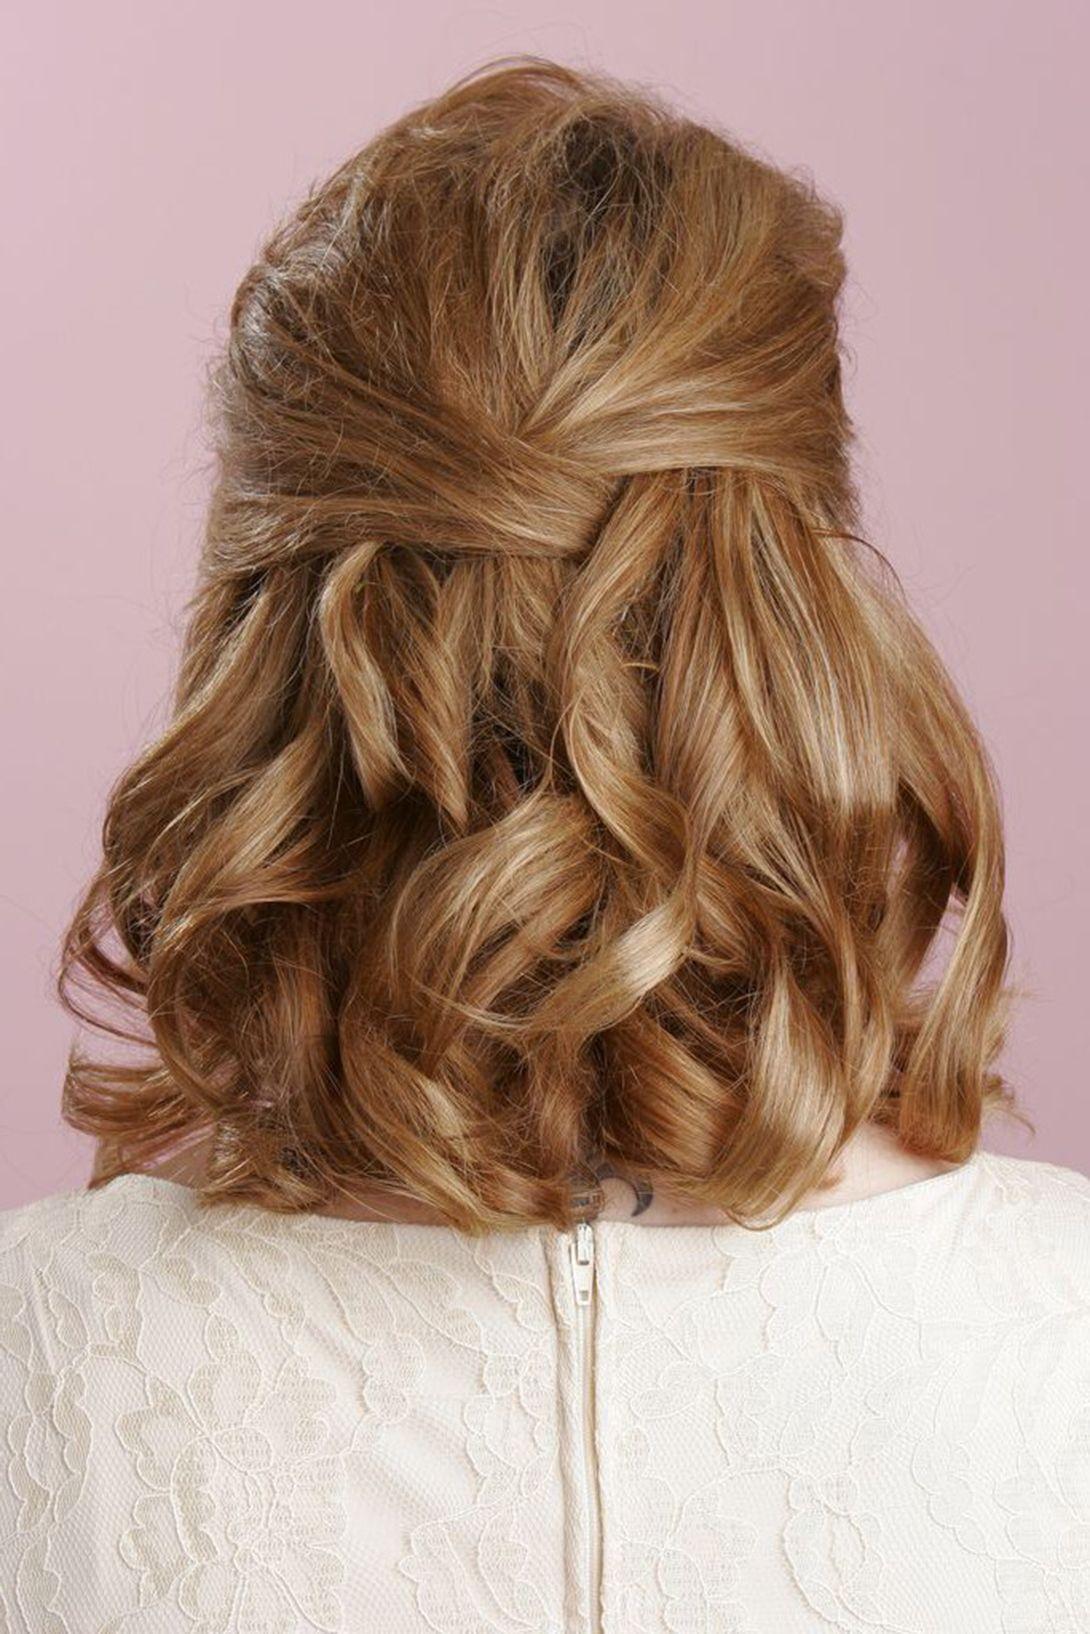 Half Up Hairstyles For Short Hair Google Search Penteado Cabelo Curto Penteados Cabelo Penteado